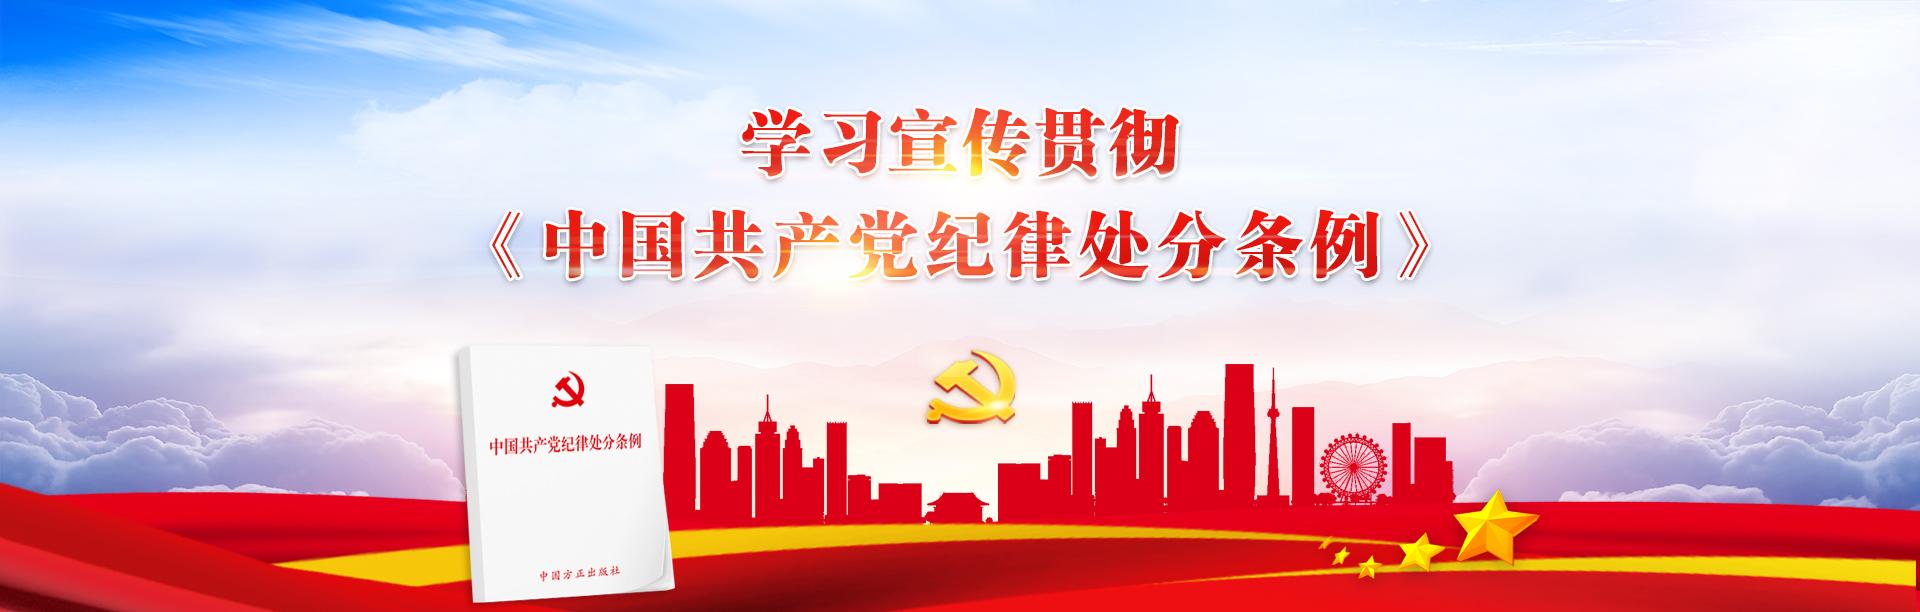 學習宣傳貫(guan)徹(che)《中國共產黨(dang)紀律(lv)處(chu)分條例》專題